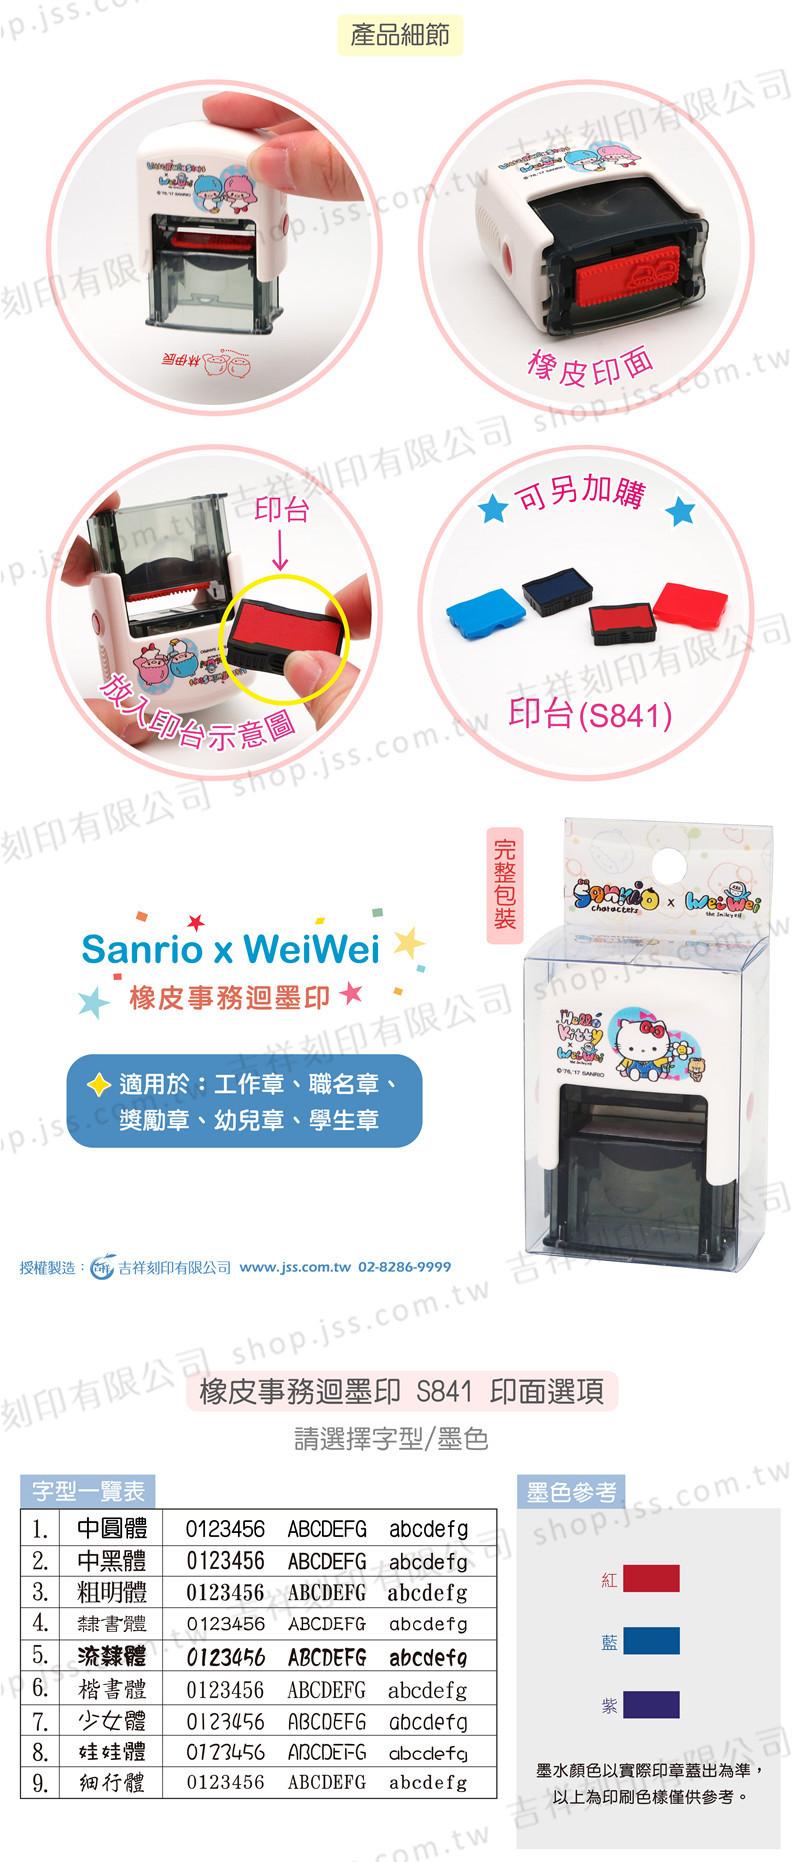 Sanrio x WeiWei 可愛聯名 橡皮事務迴墨印章